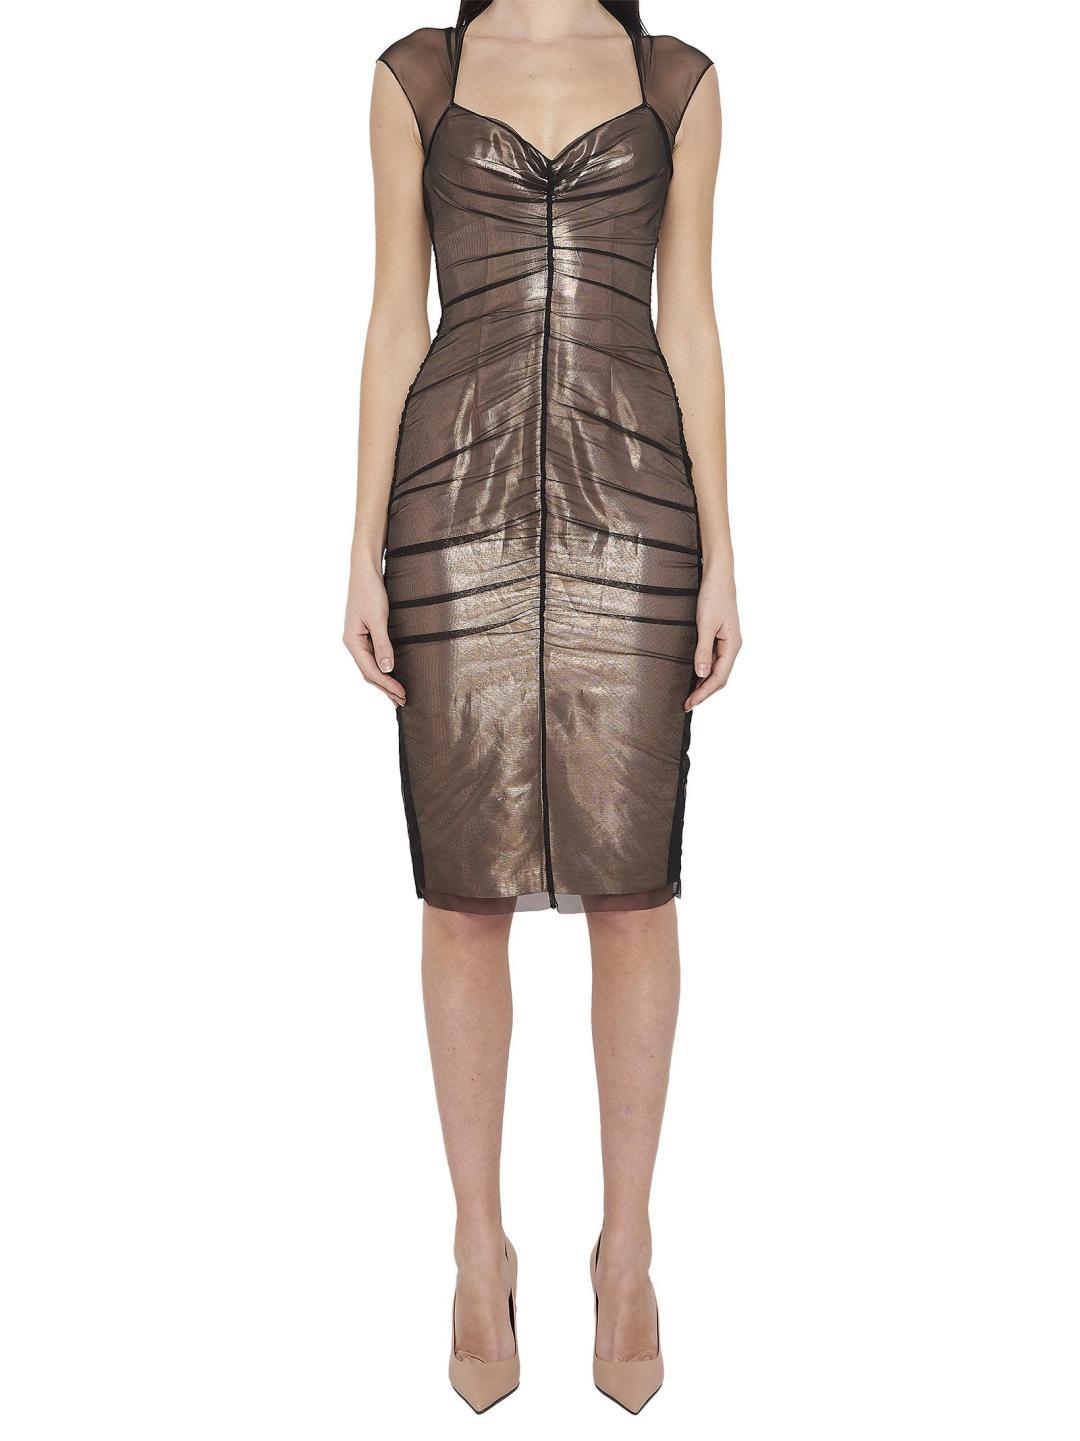 3ed17e61c83 Tom Ford Dress – Italist.com US –  3